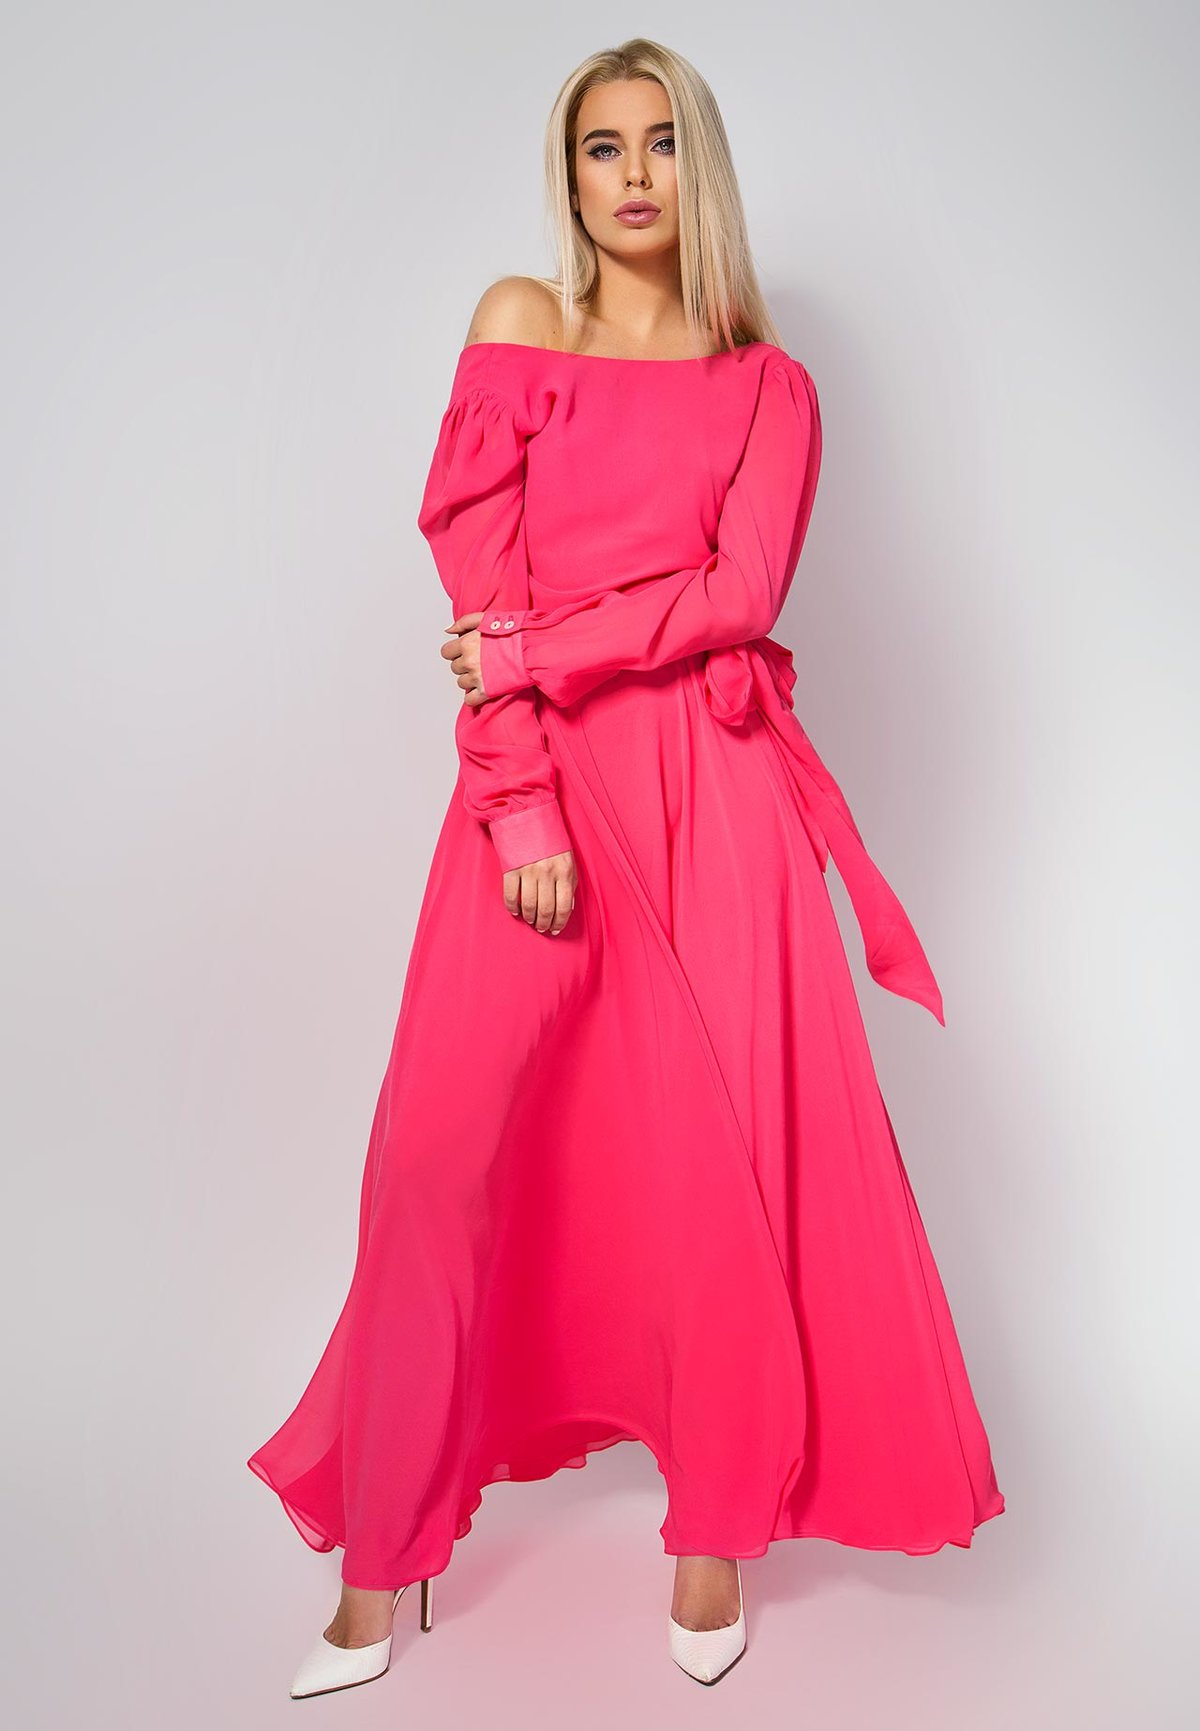 длинное платье розовое фото